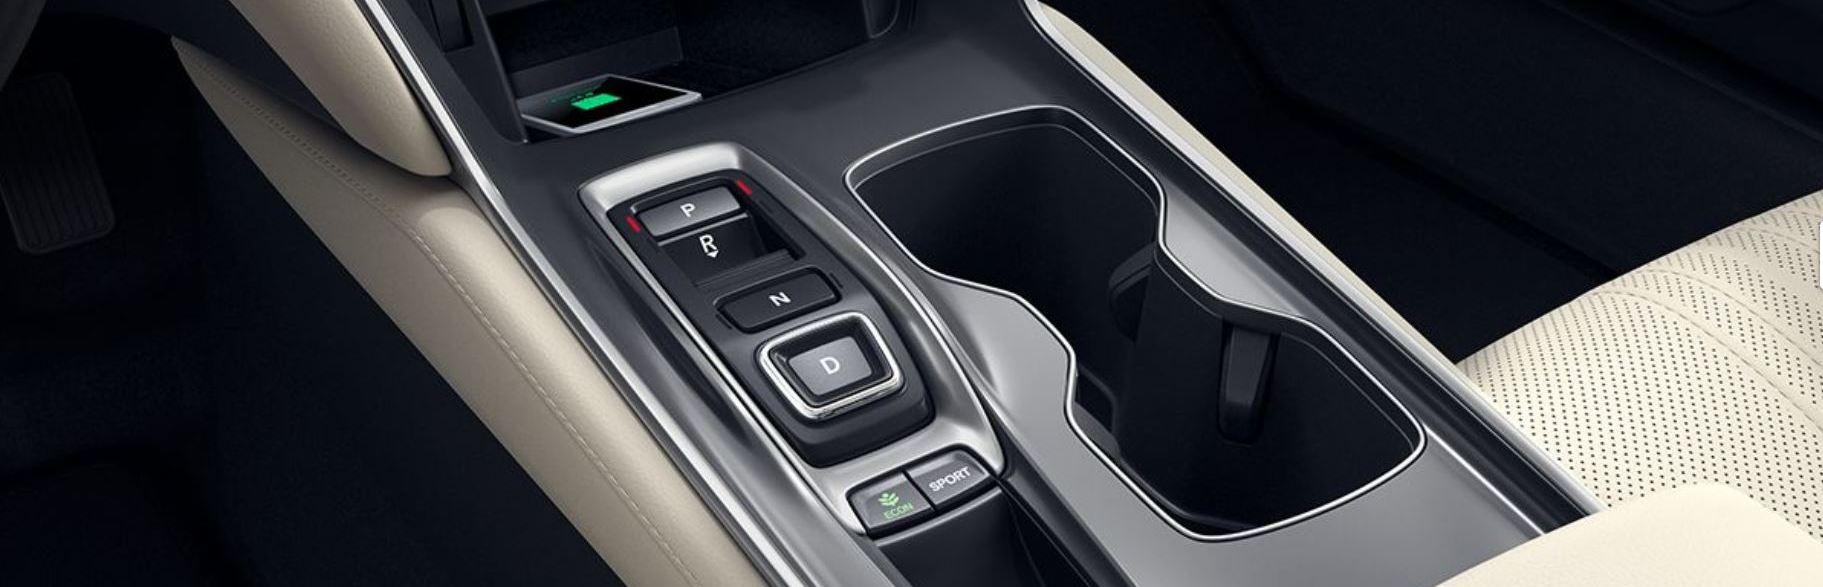 2020 Honda Accord Center Console